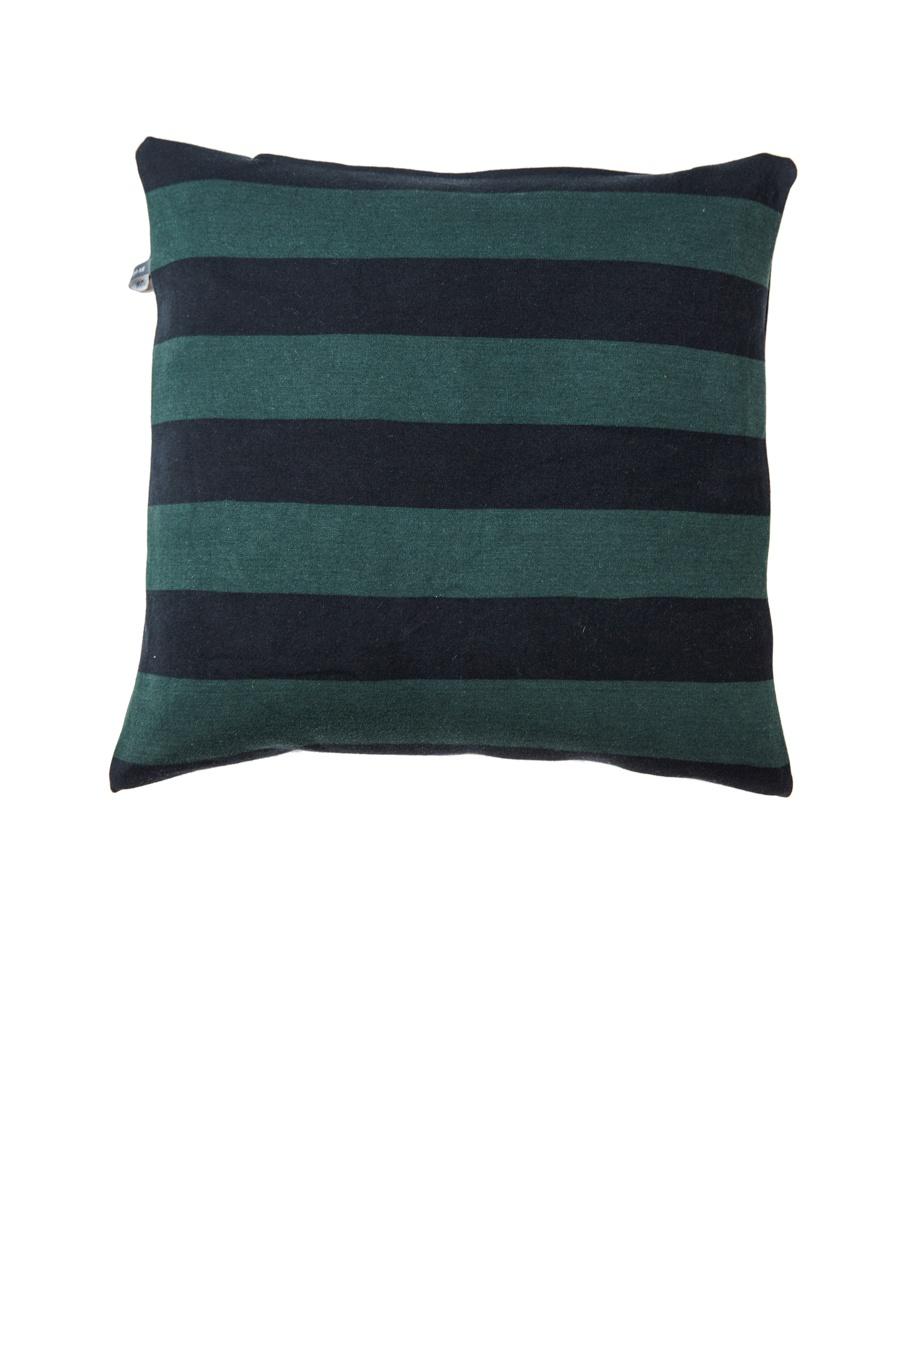 Marstrand Pillow Case